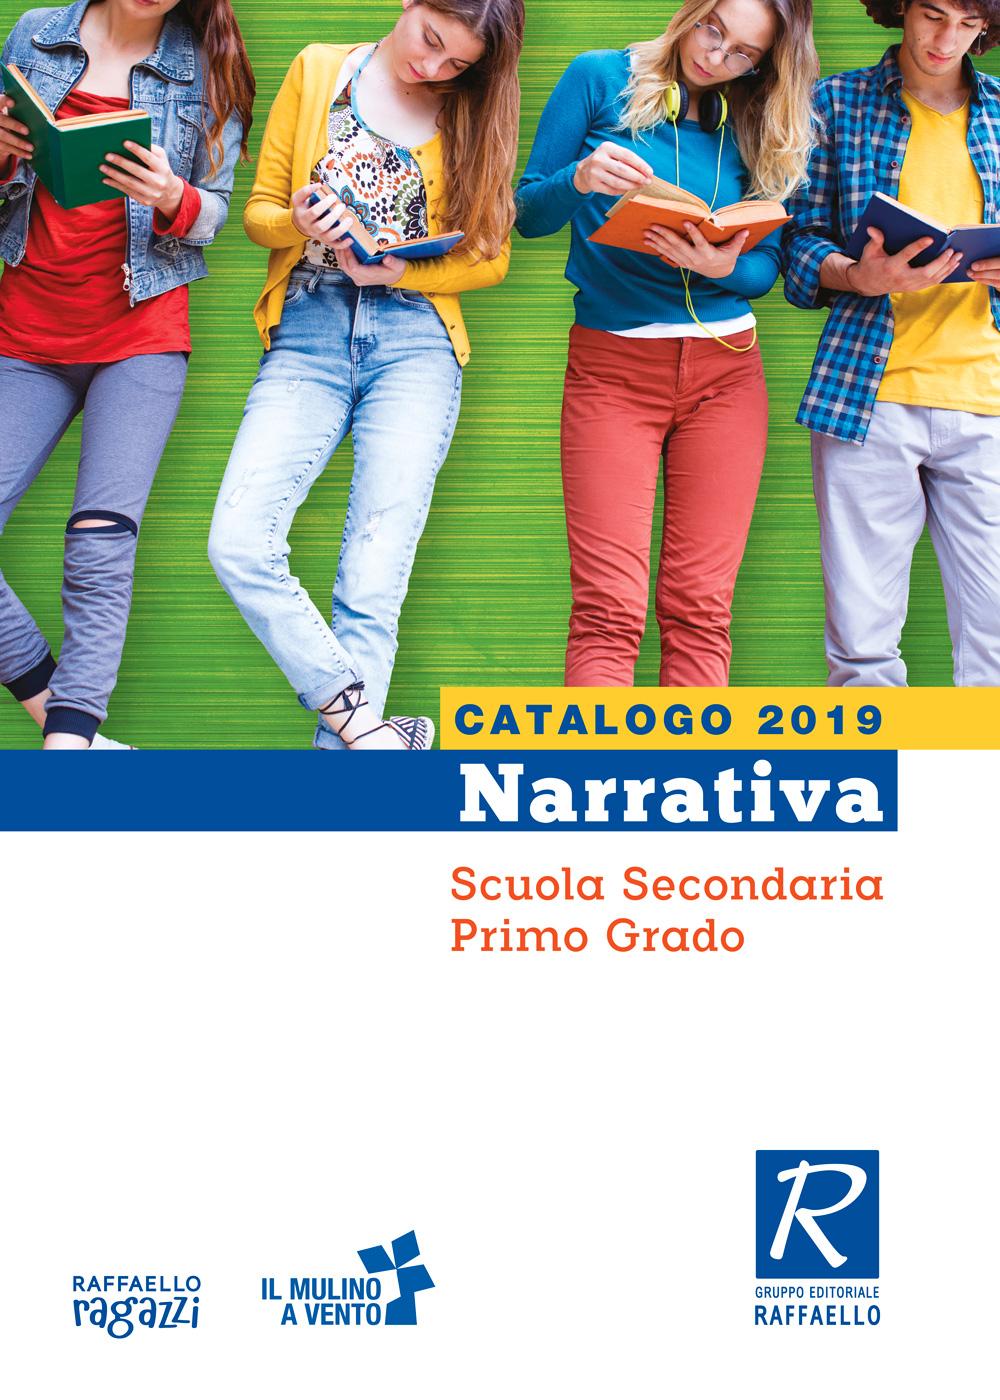 Narrativa Scuola Secondaria 2019 - Il Mulino a Vento